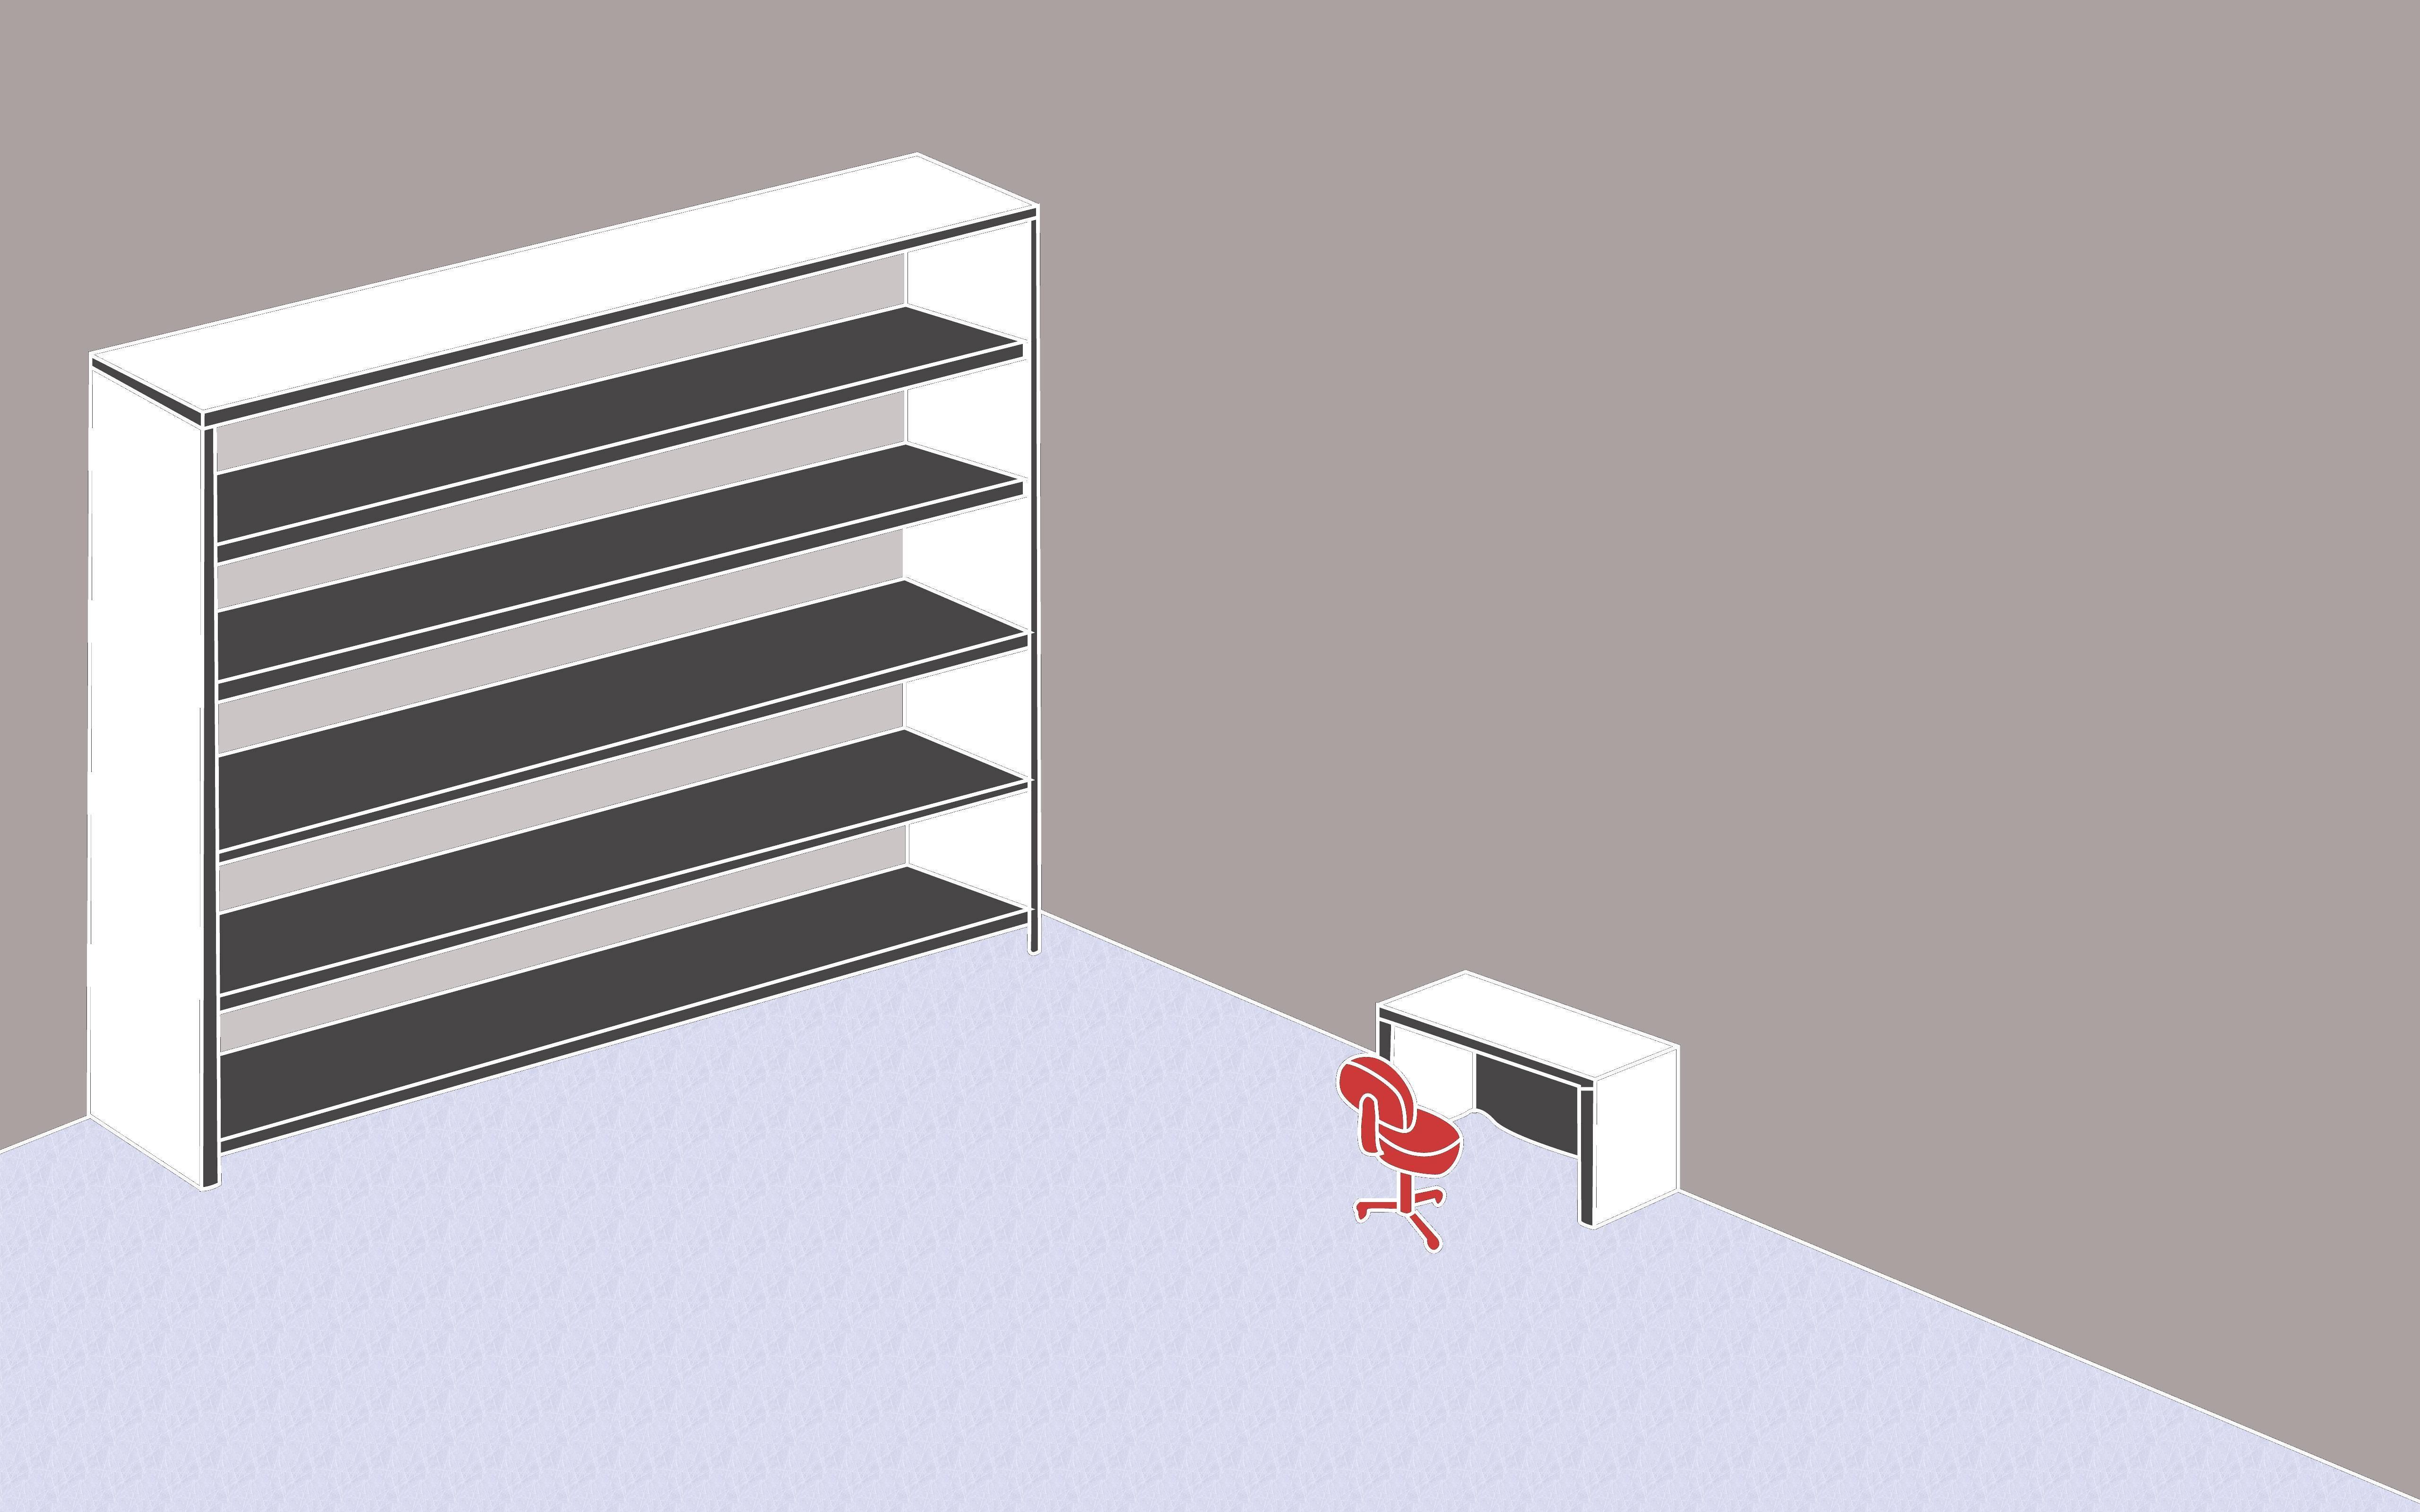 image 672135 bookshelf desktop wallpaper know your meme. Black Bedroom Furniture Sets. Home Design Ideas